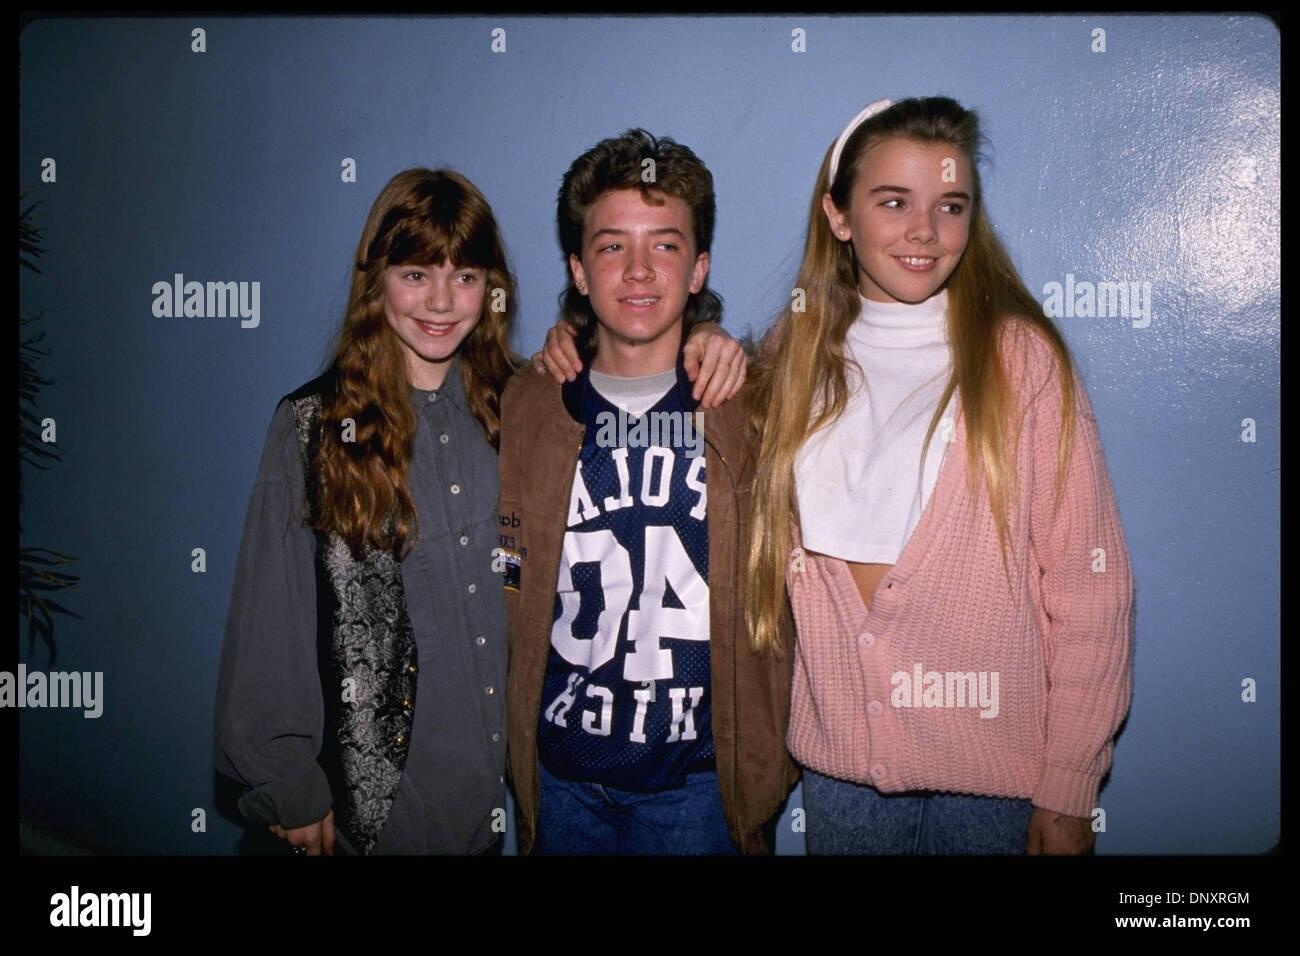 Eva Herzigova CZE 3 1999?001,Karen Gillan (born 1987) Adult pics Linda Christian,Aaron Poole